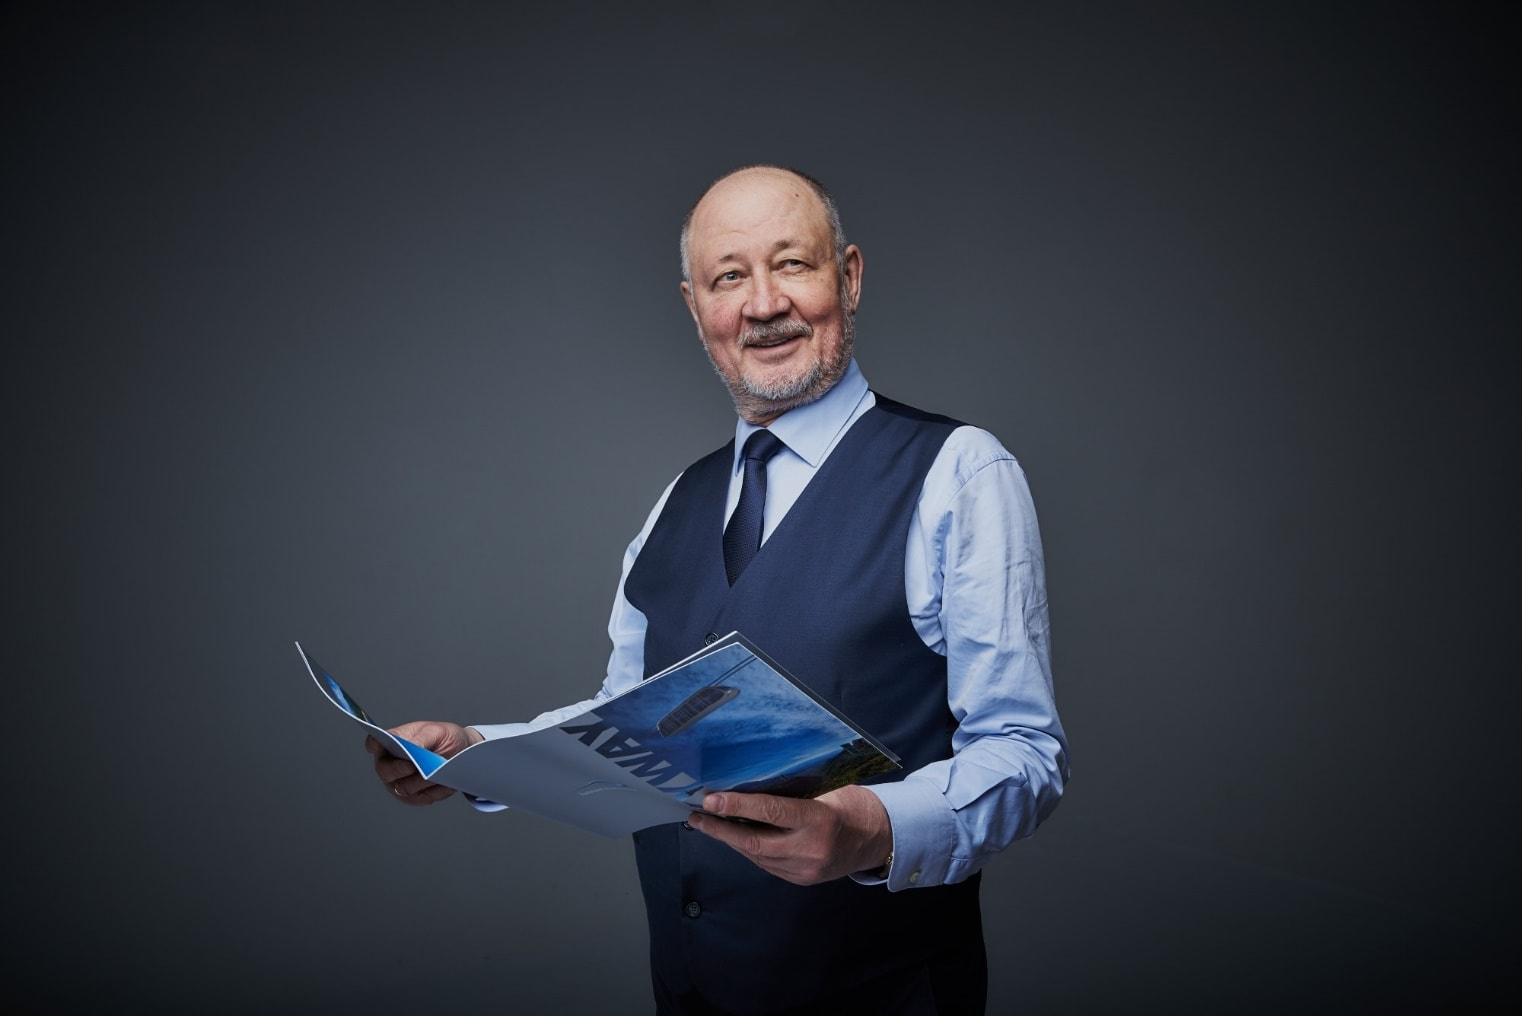 Инженер Анатолий Эдуардович Юницкий – автор и генеральный конструктор проектов SpaceWay и SkyWay